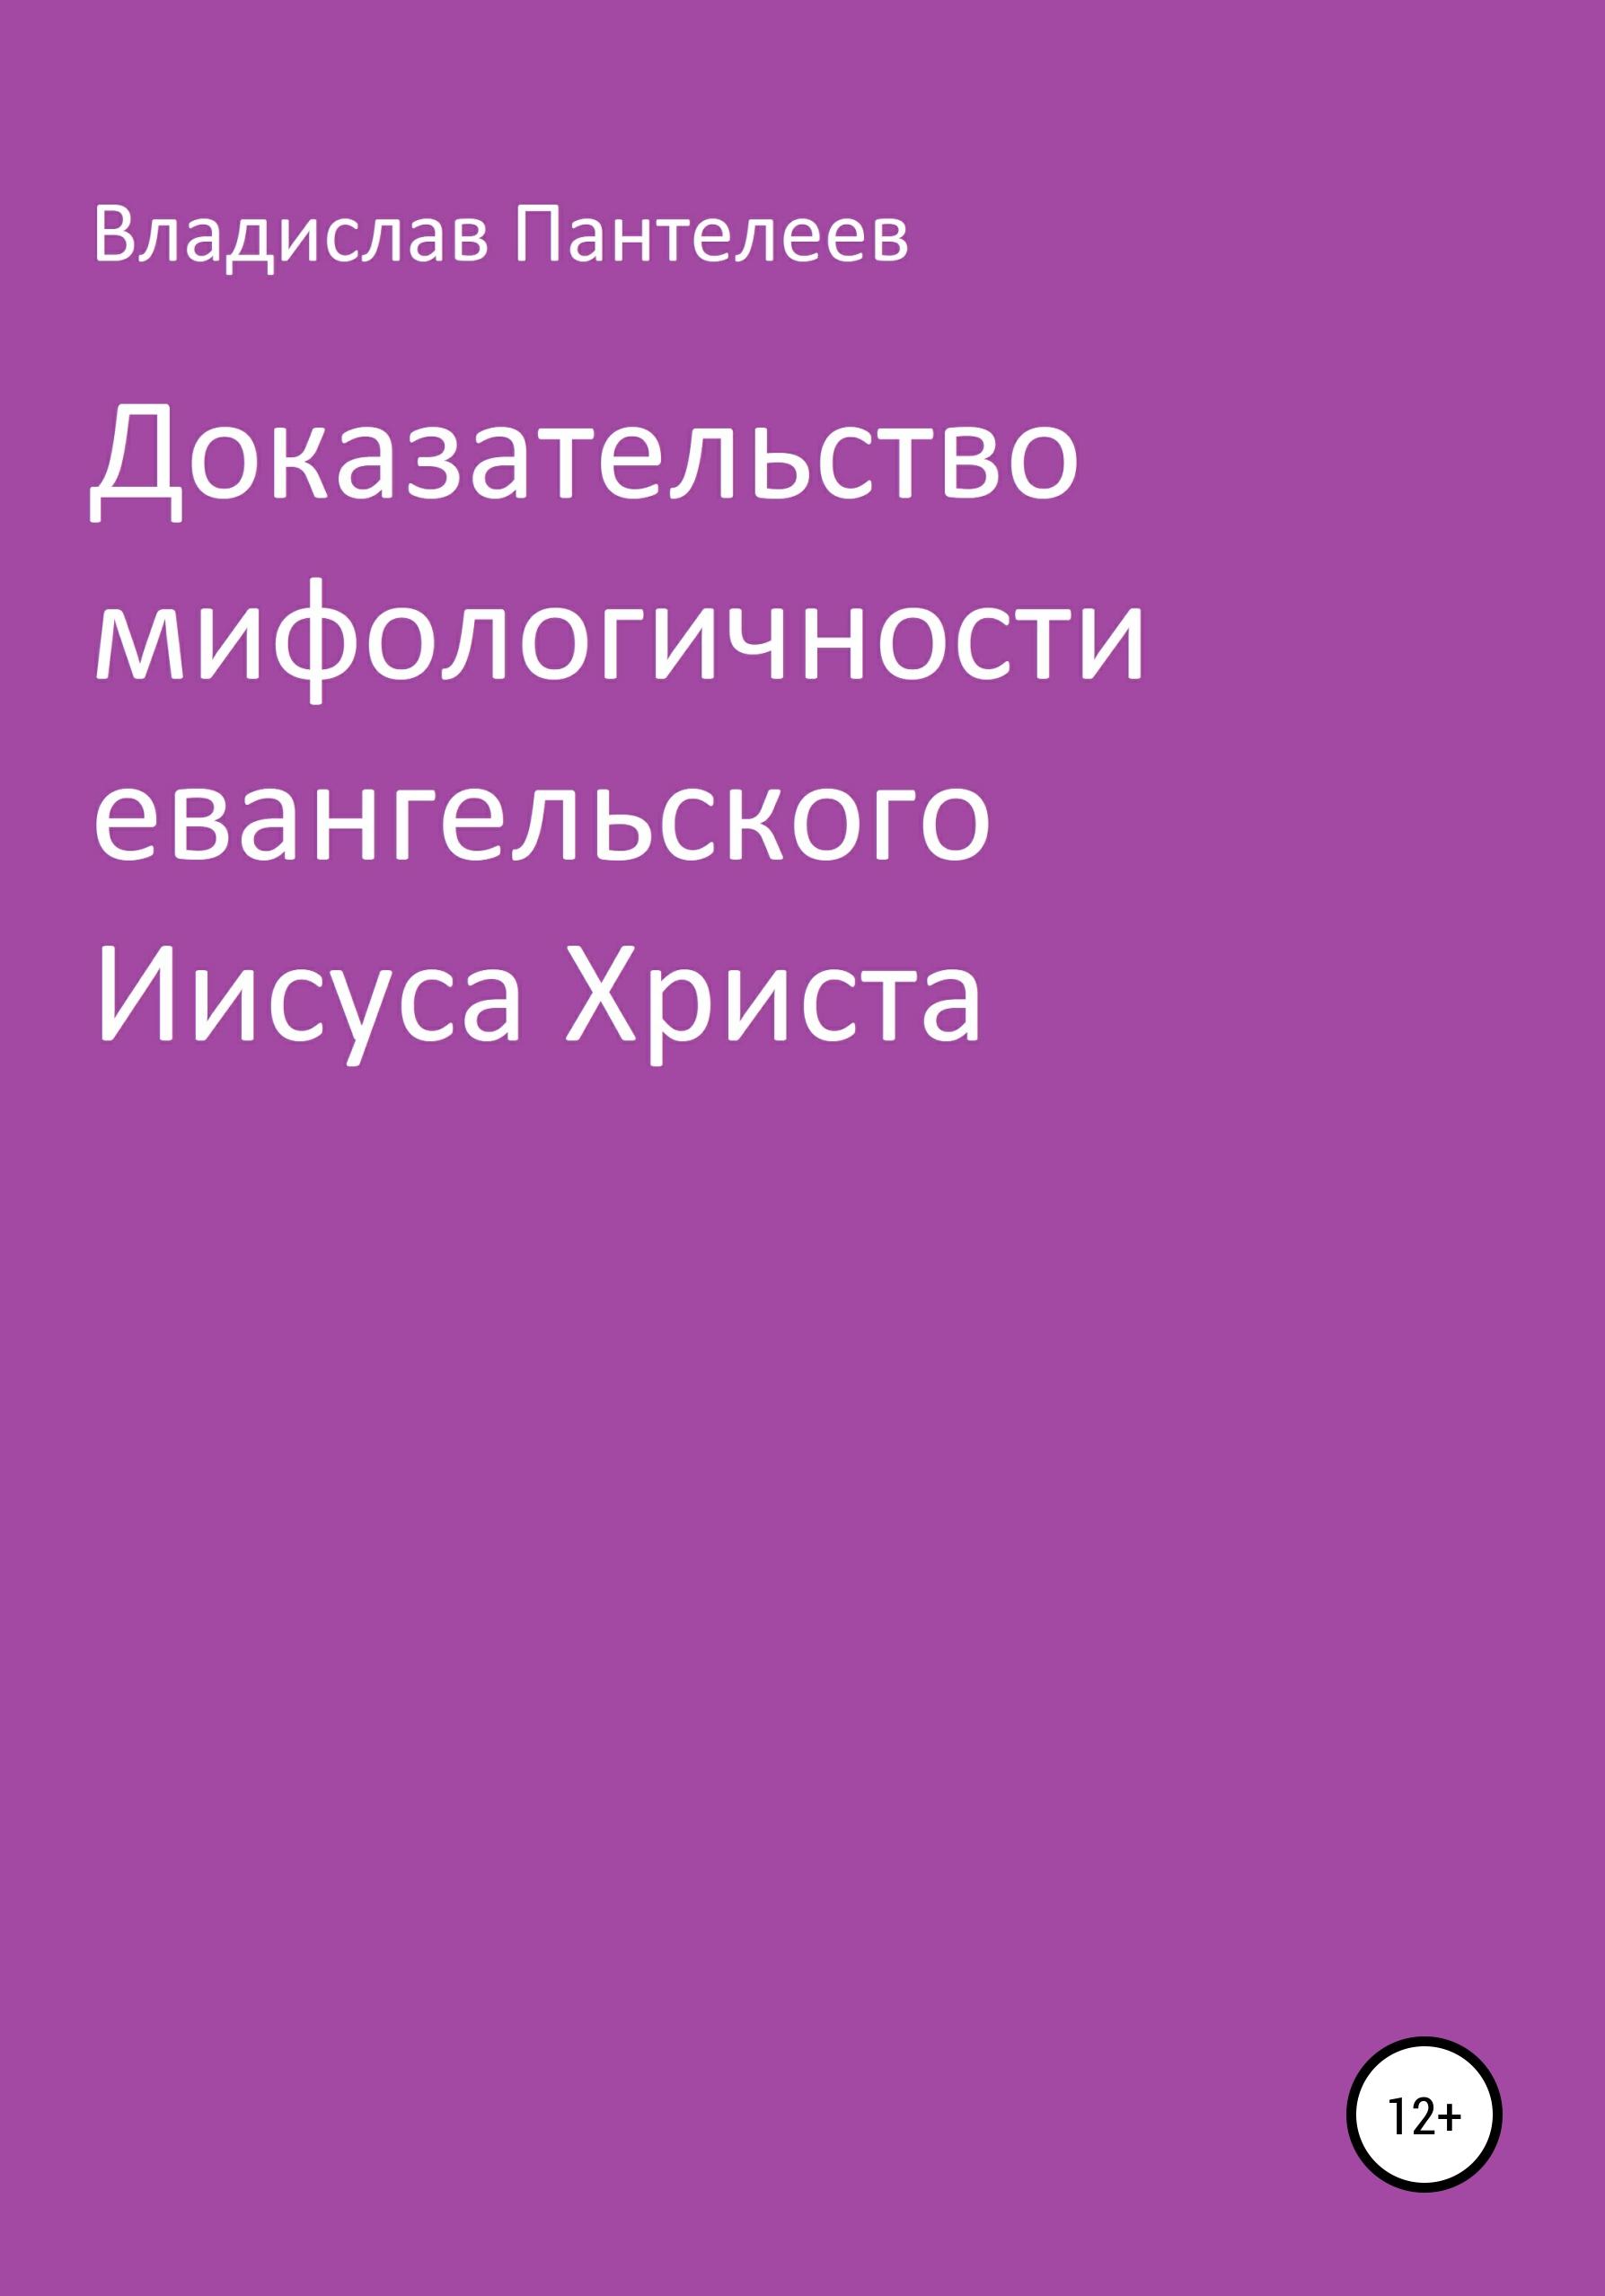 Доказательство мифологичности евангельского Иисуса Христа ( Владислав Львович Пантелеев  )